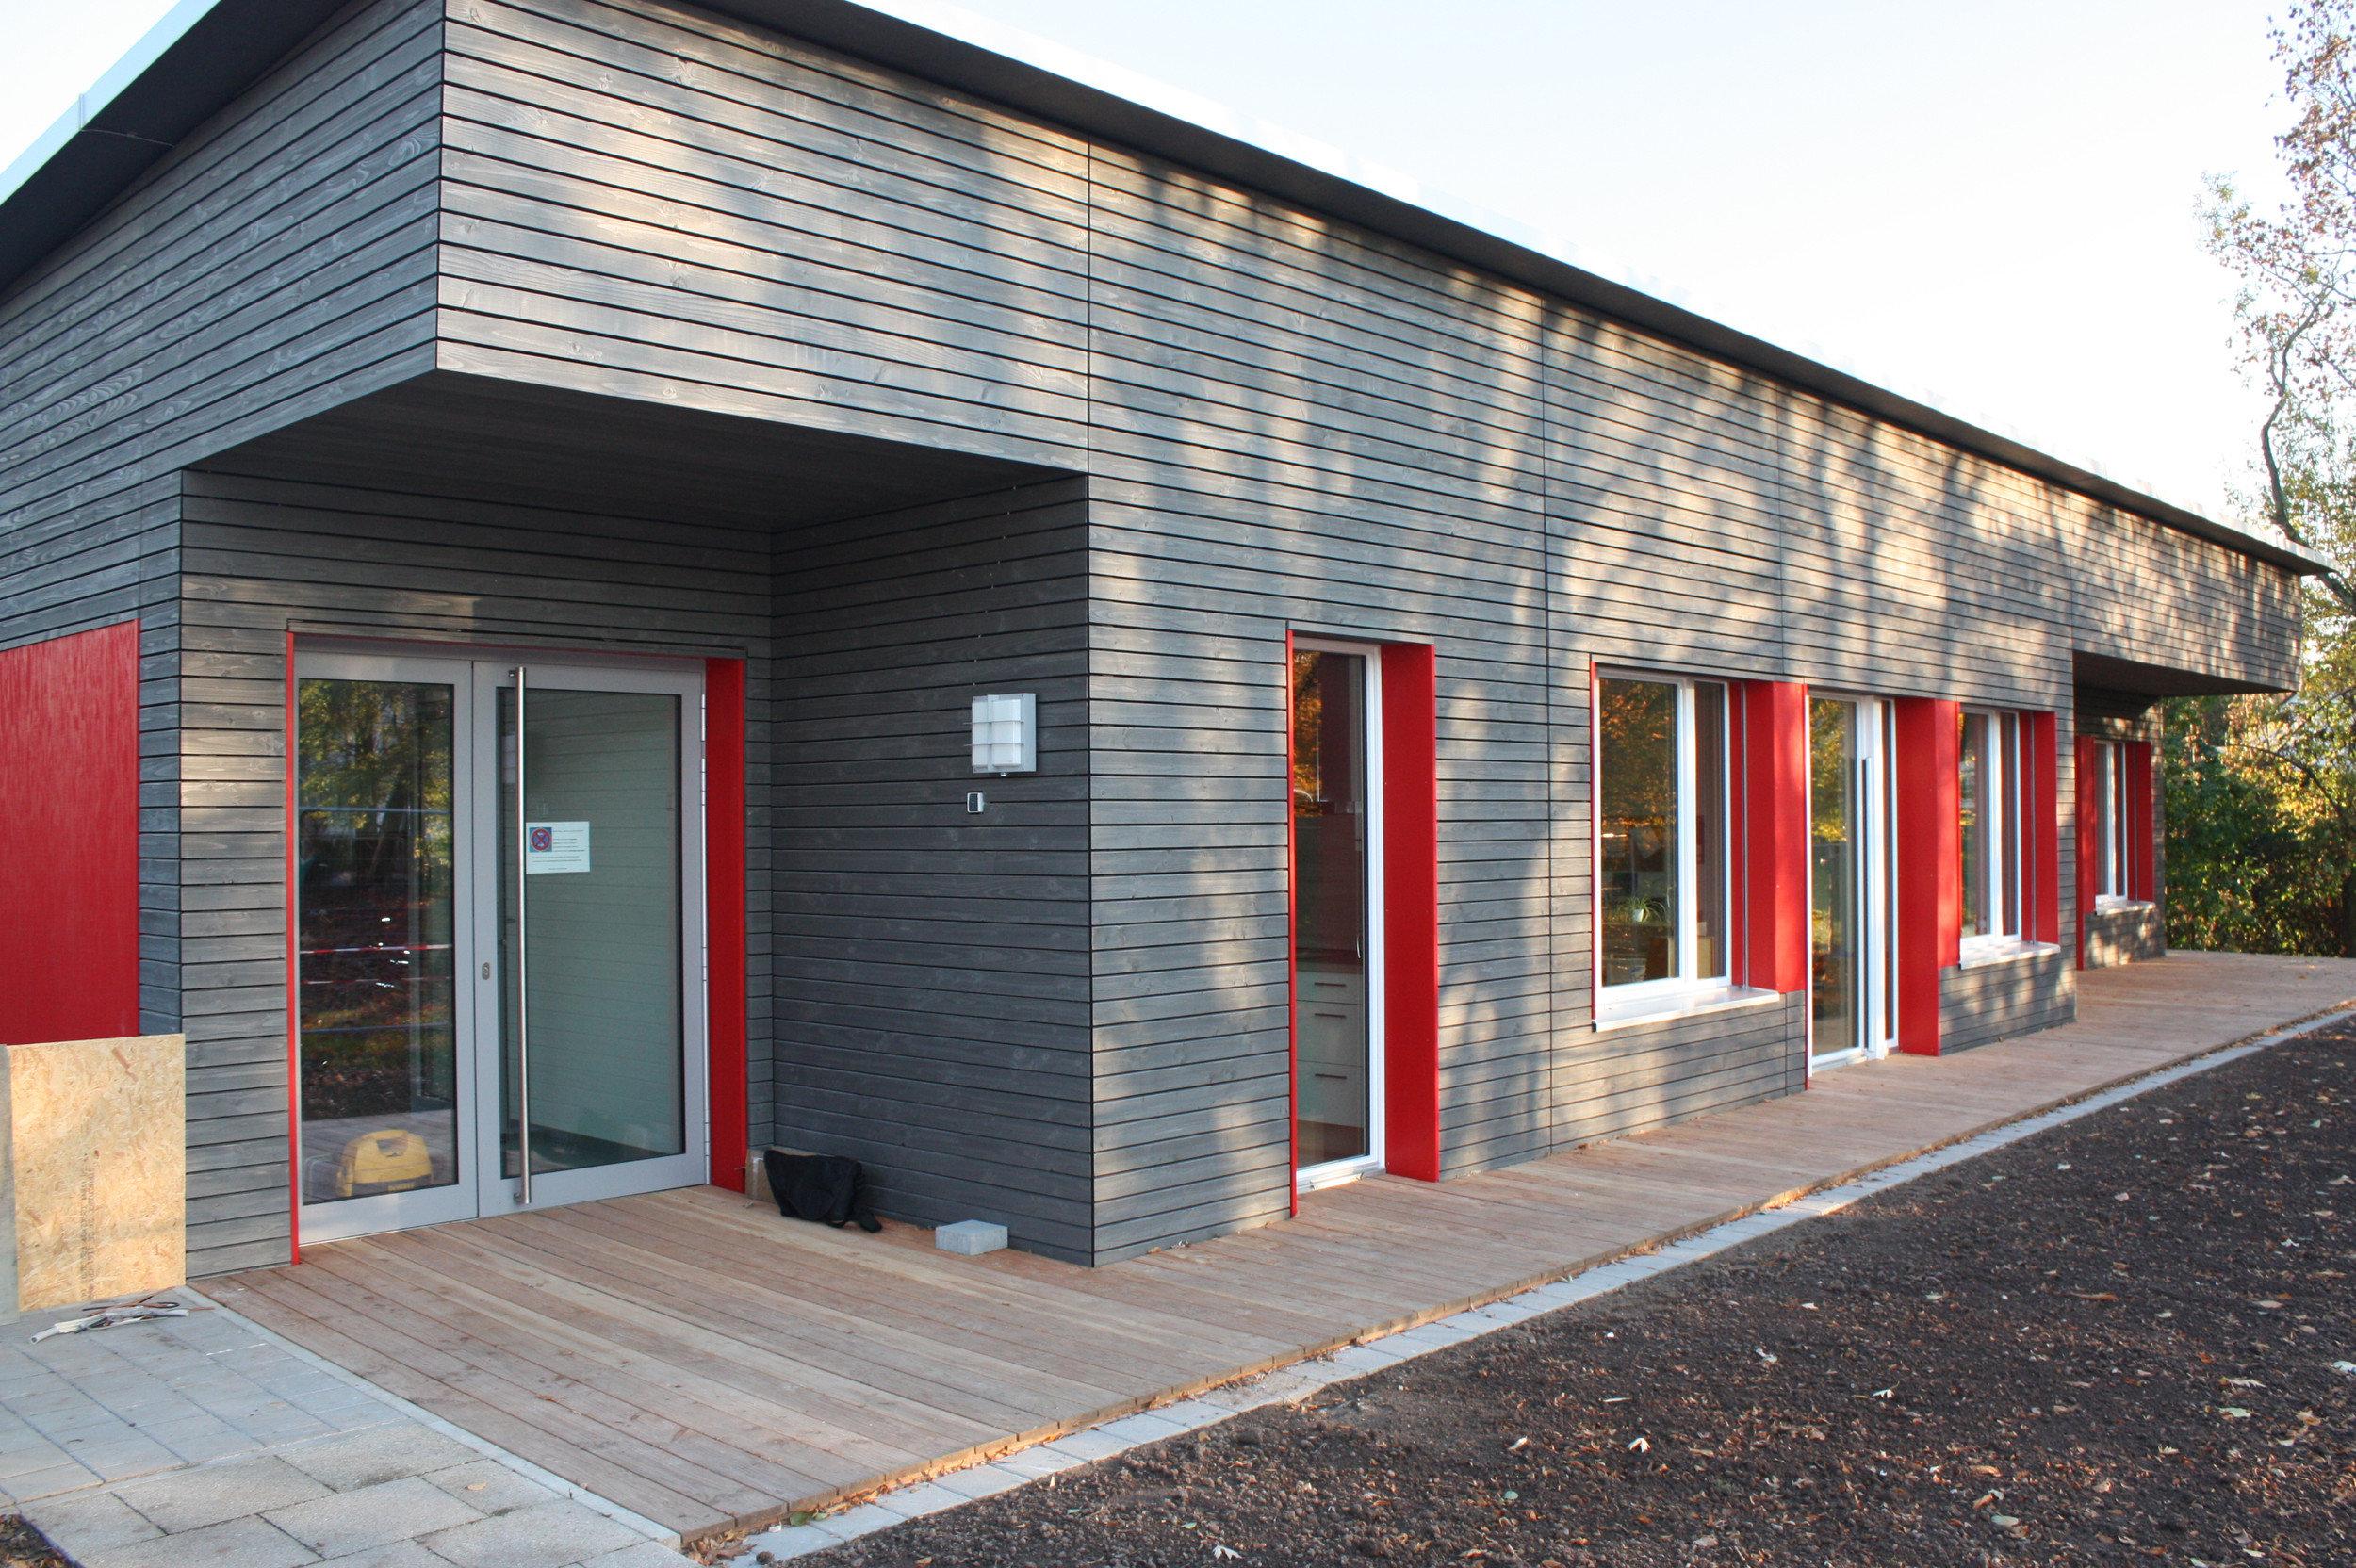 Kindertagesstätte 1-geschossig mit Plutachdach